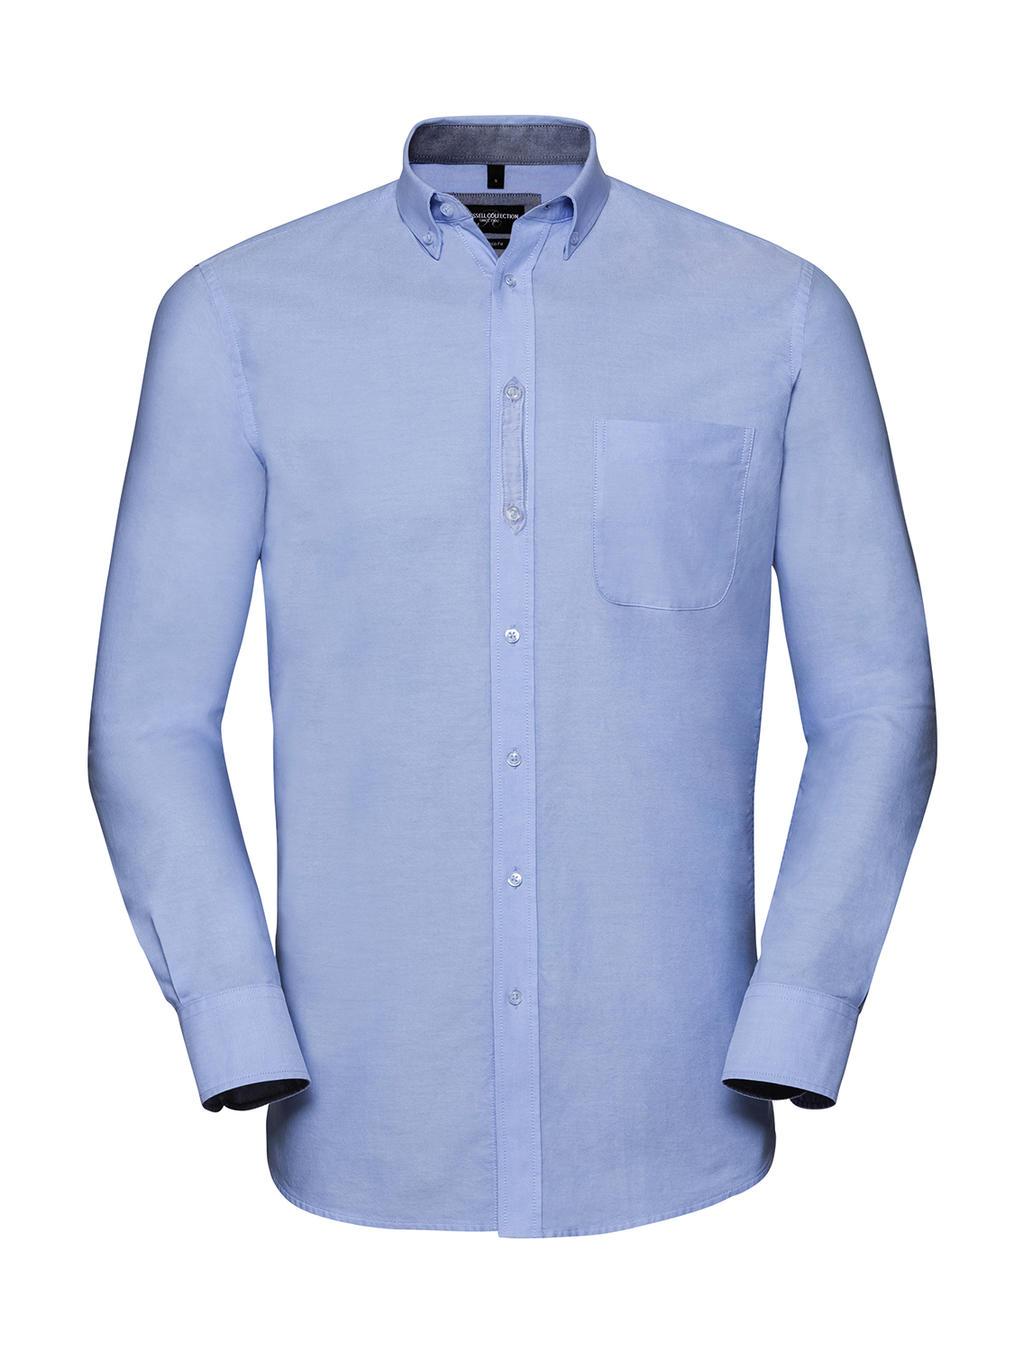 Pánská košile s dl. ruk.Tailored Washed Oxford - zvìtšit obrázek